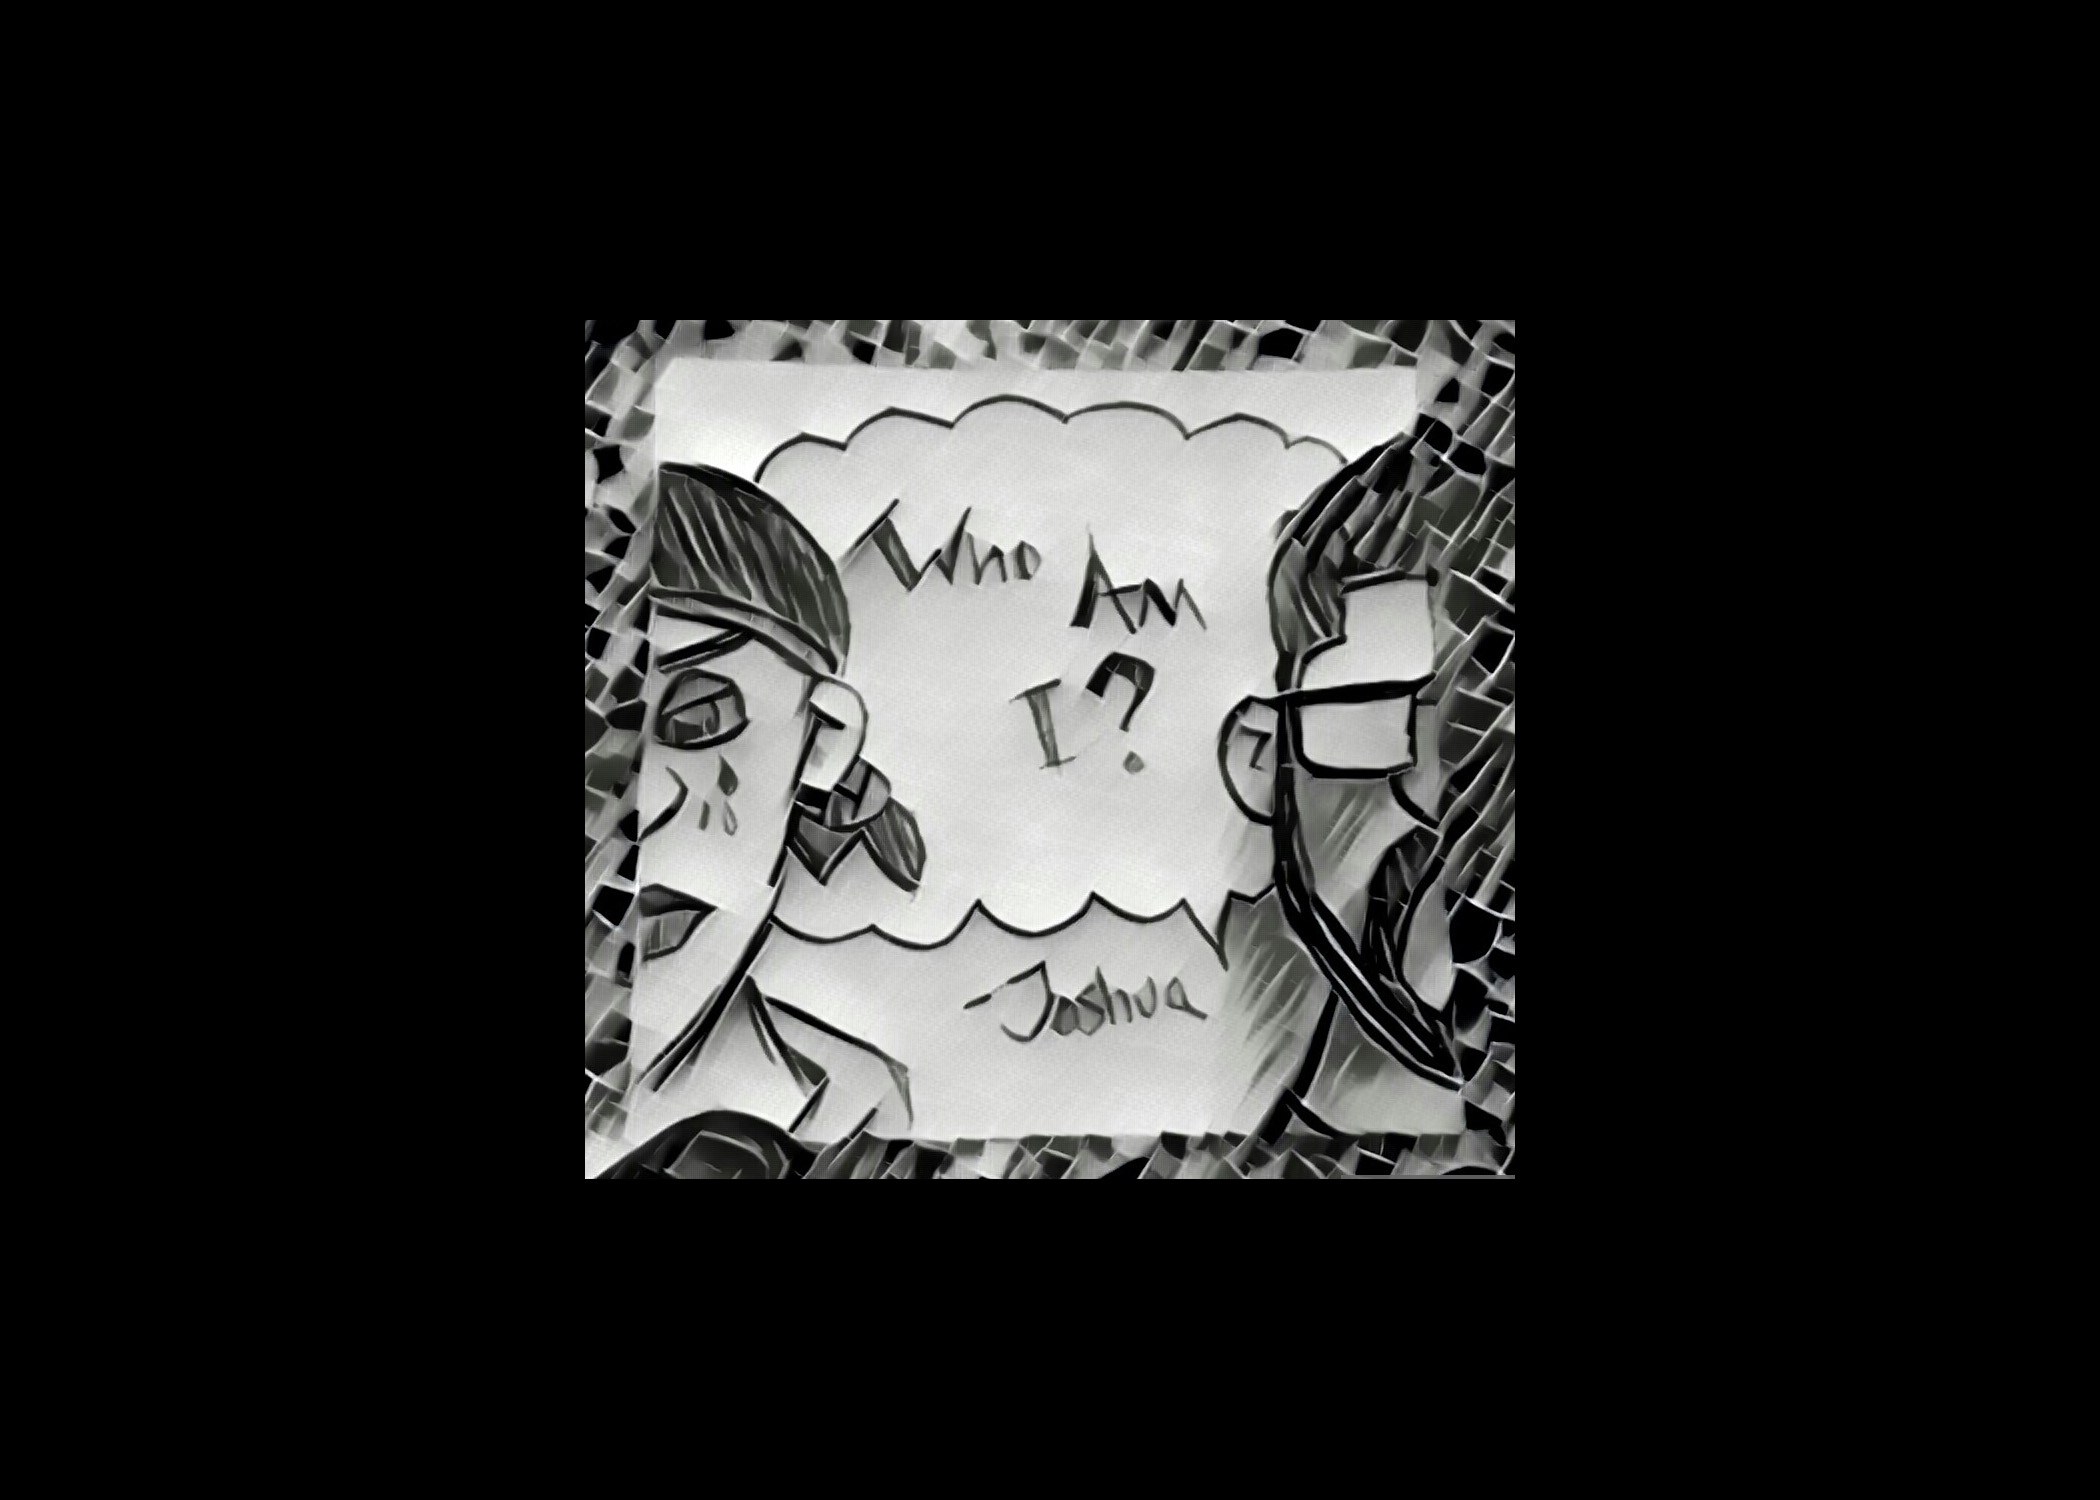 WHO AM I The Mixtape